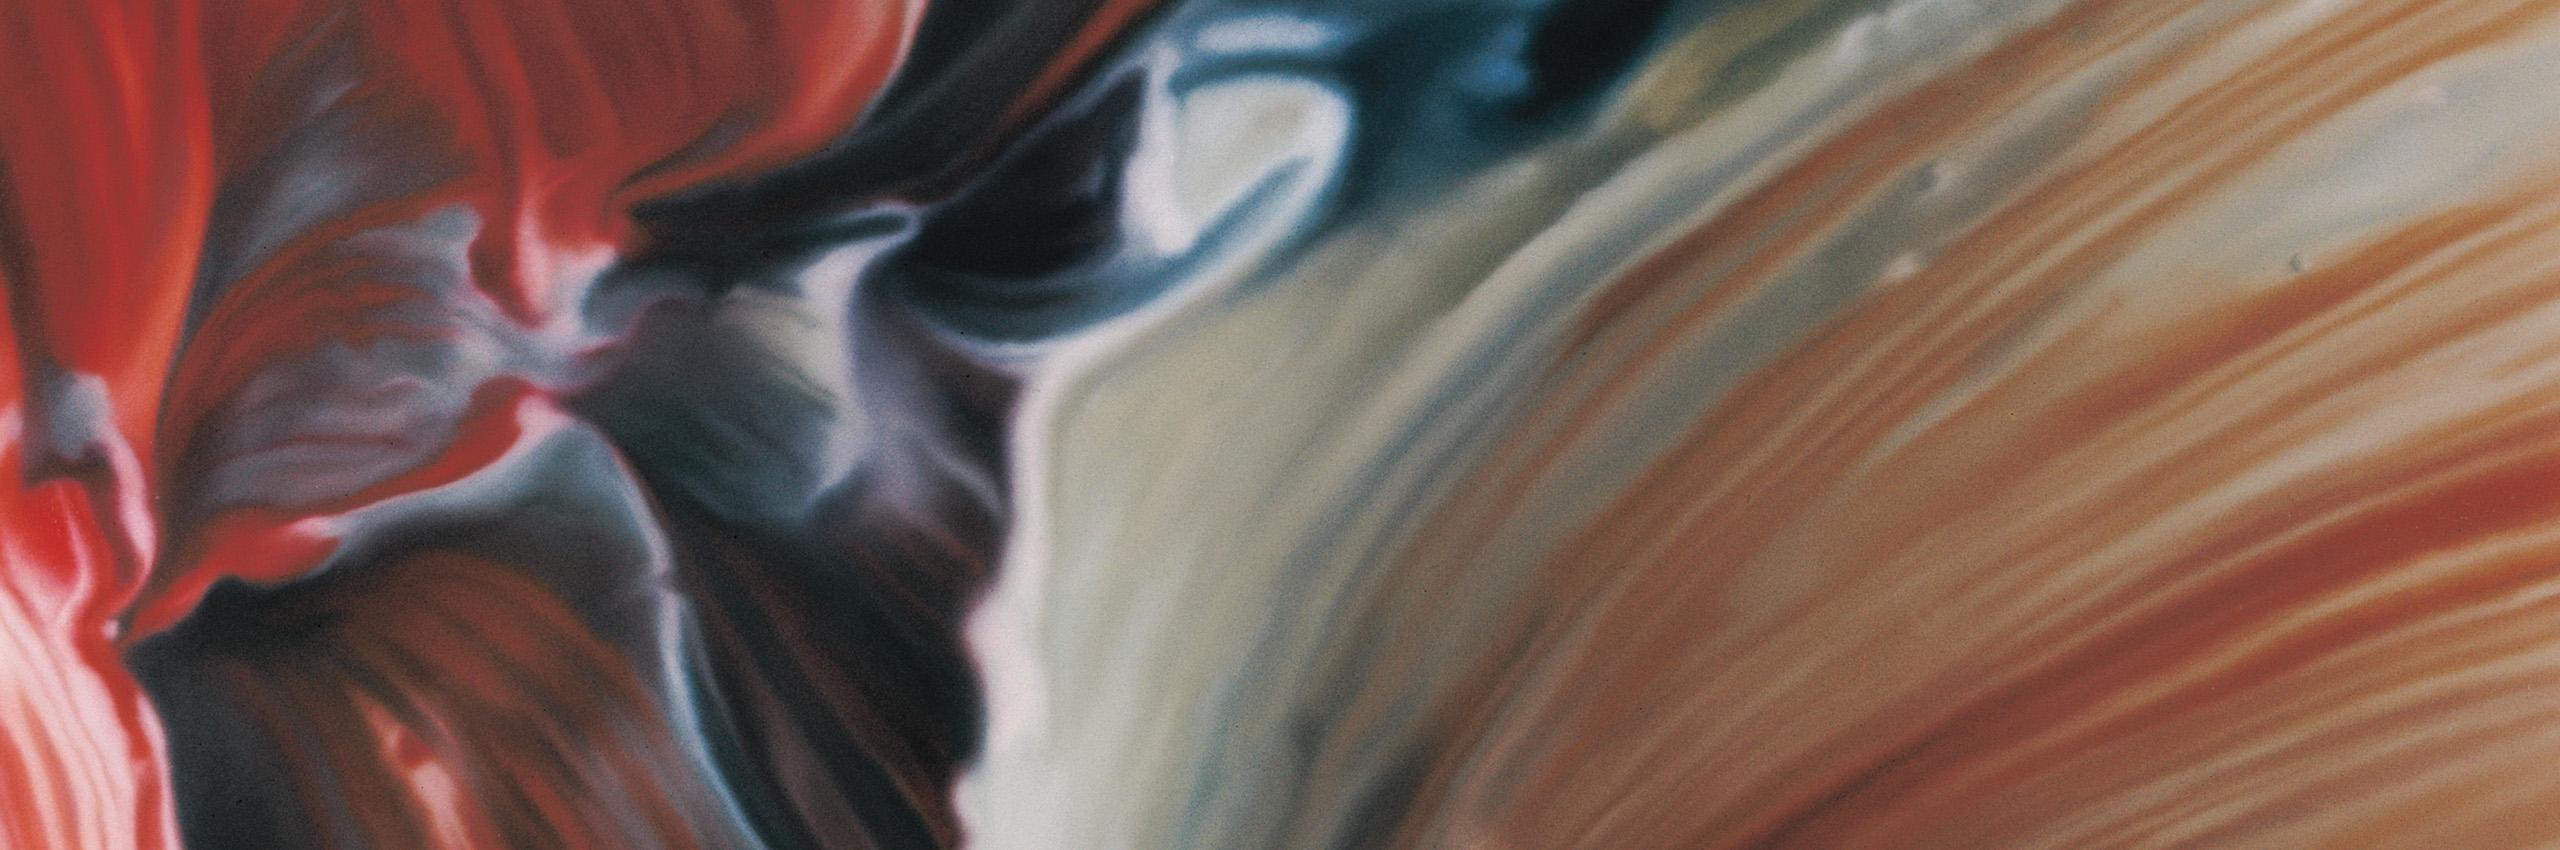 Richter_Ausschnitt_rotblau_2560x850px